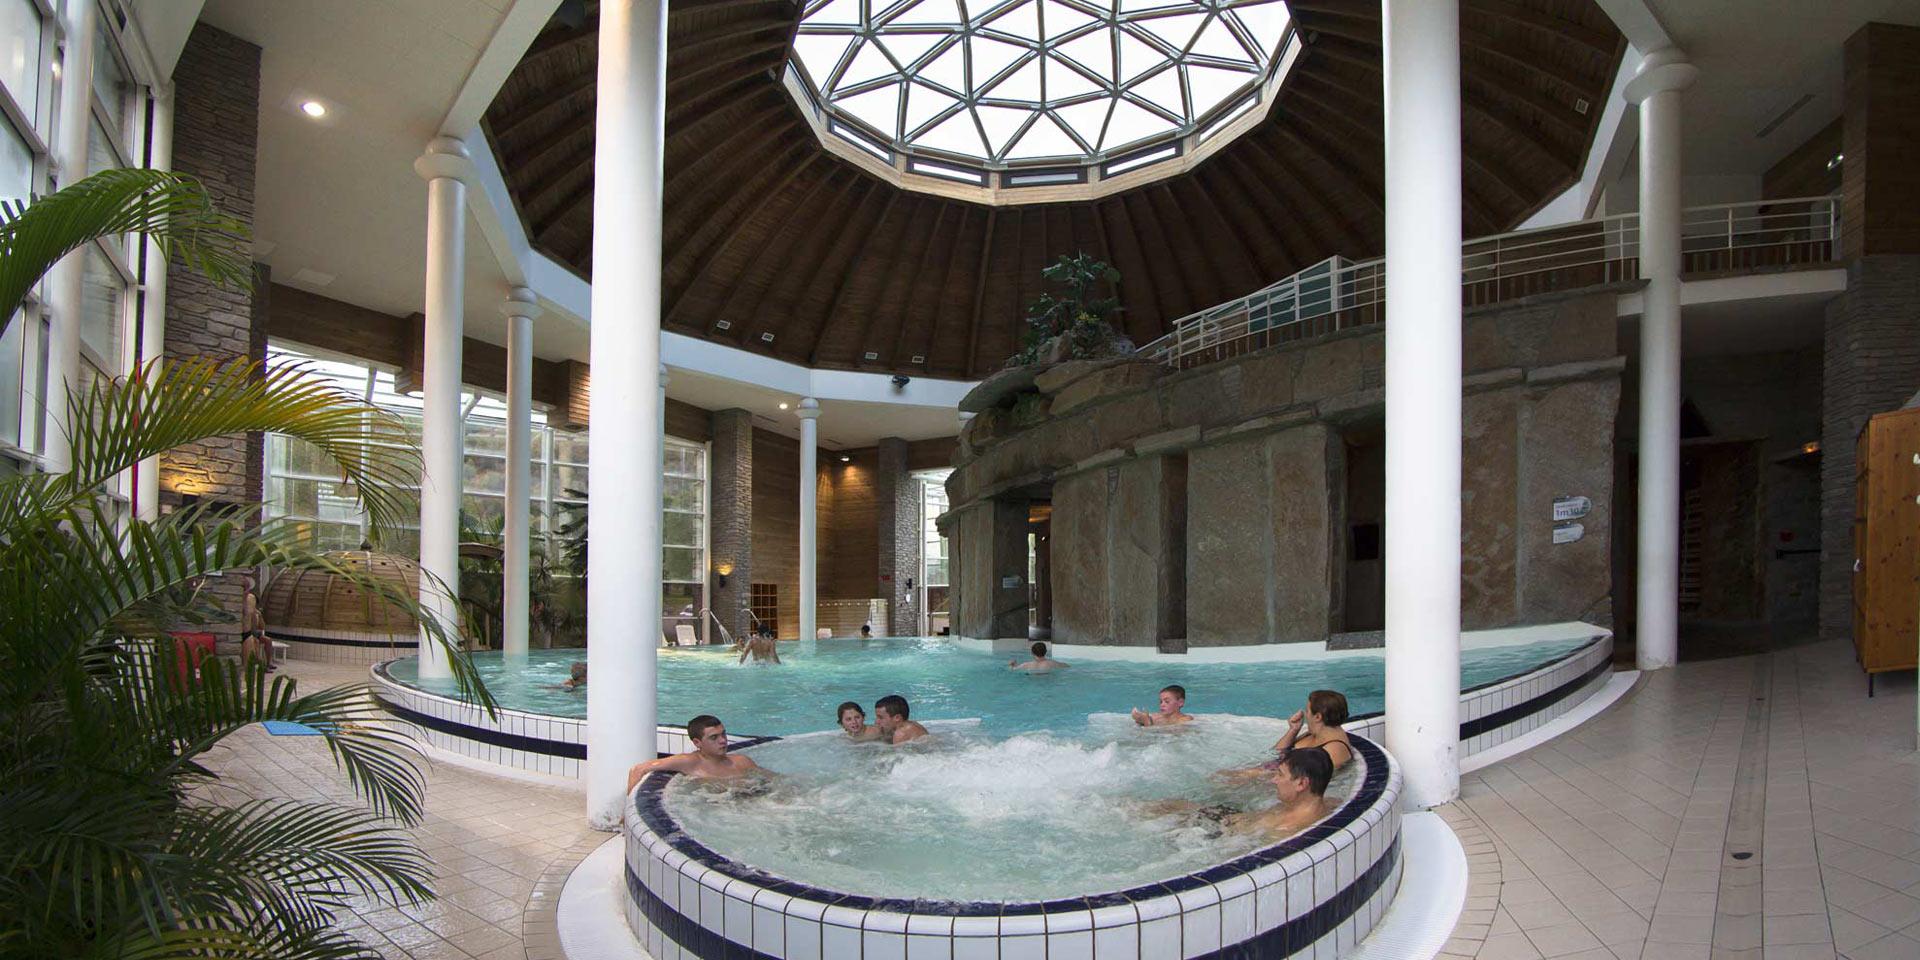 Baln a centre thermo ludique dans la vall e du louron for Thalasso bain les bains